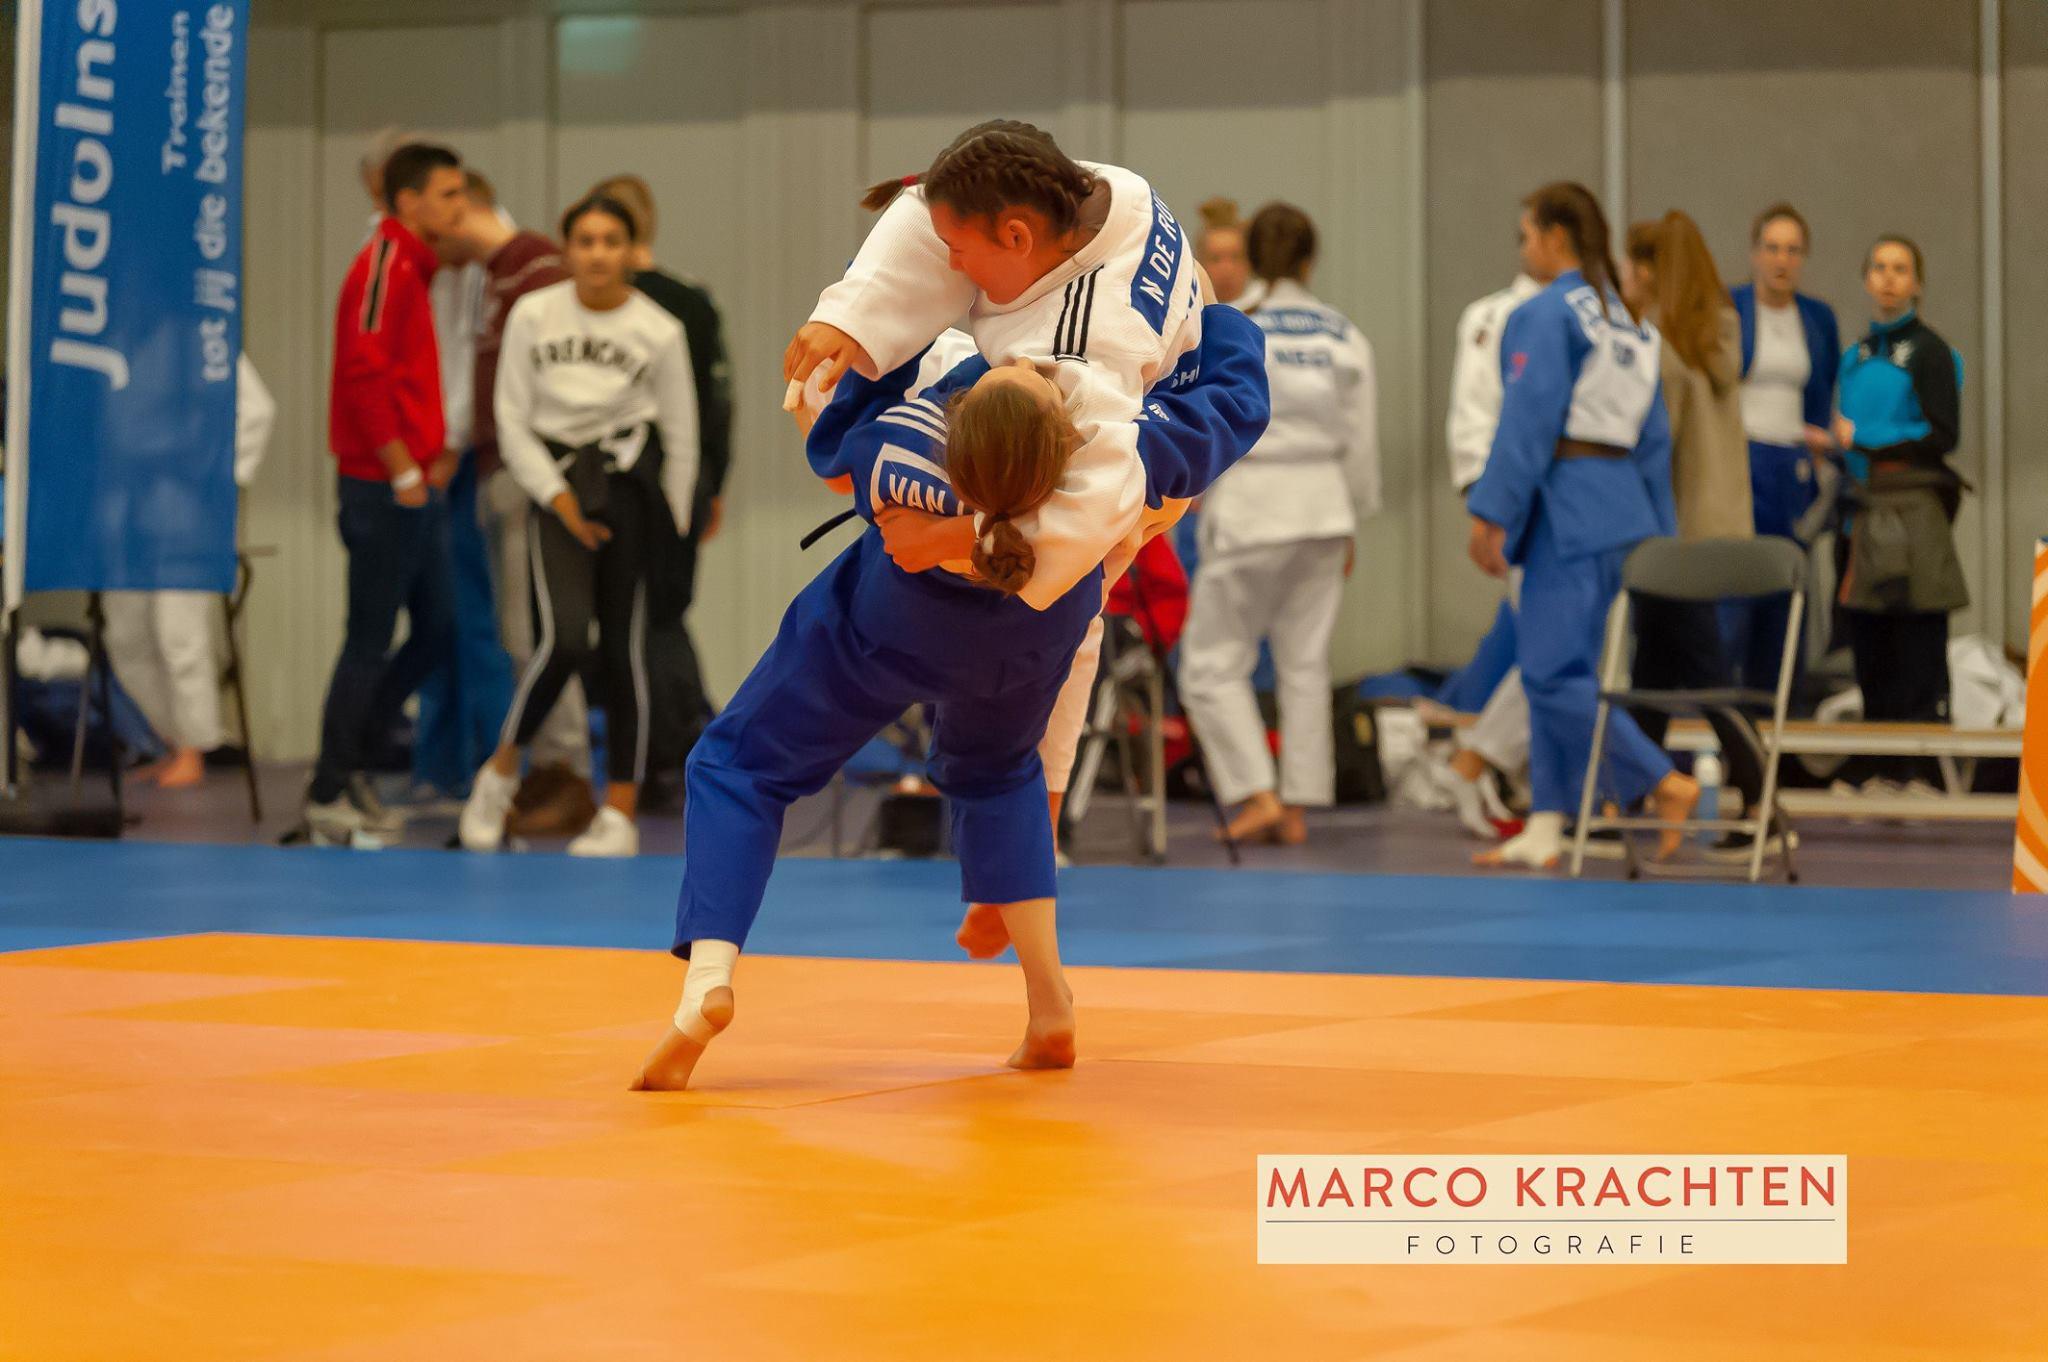 Uitgebreide fotoreportage Open Twents Judokampioenschap 2018